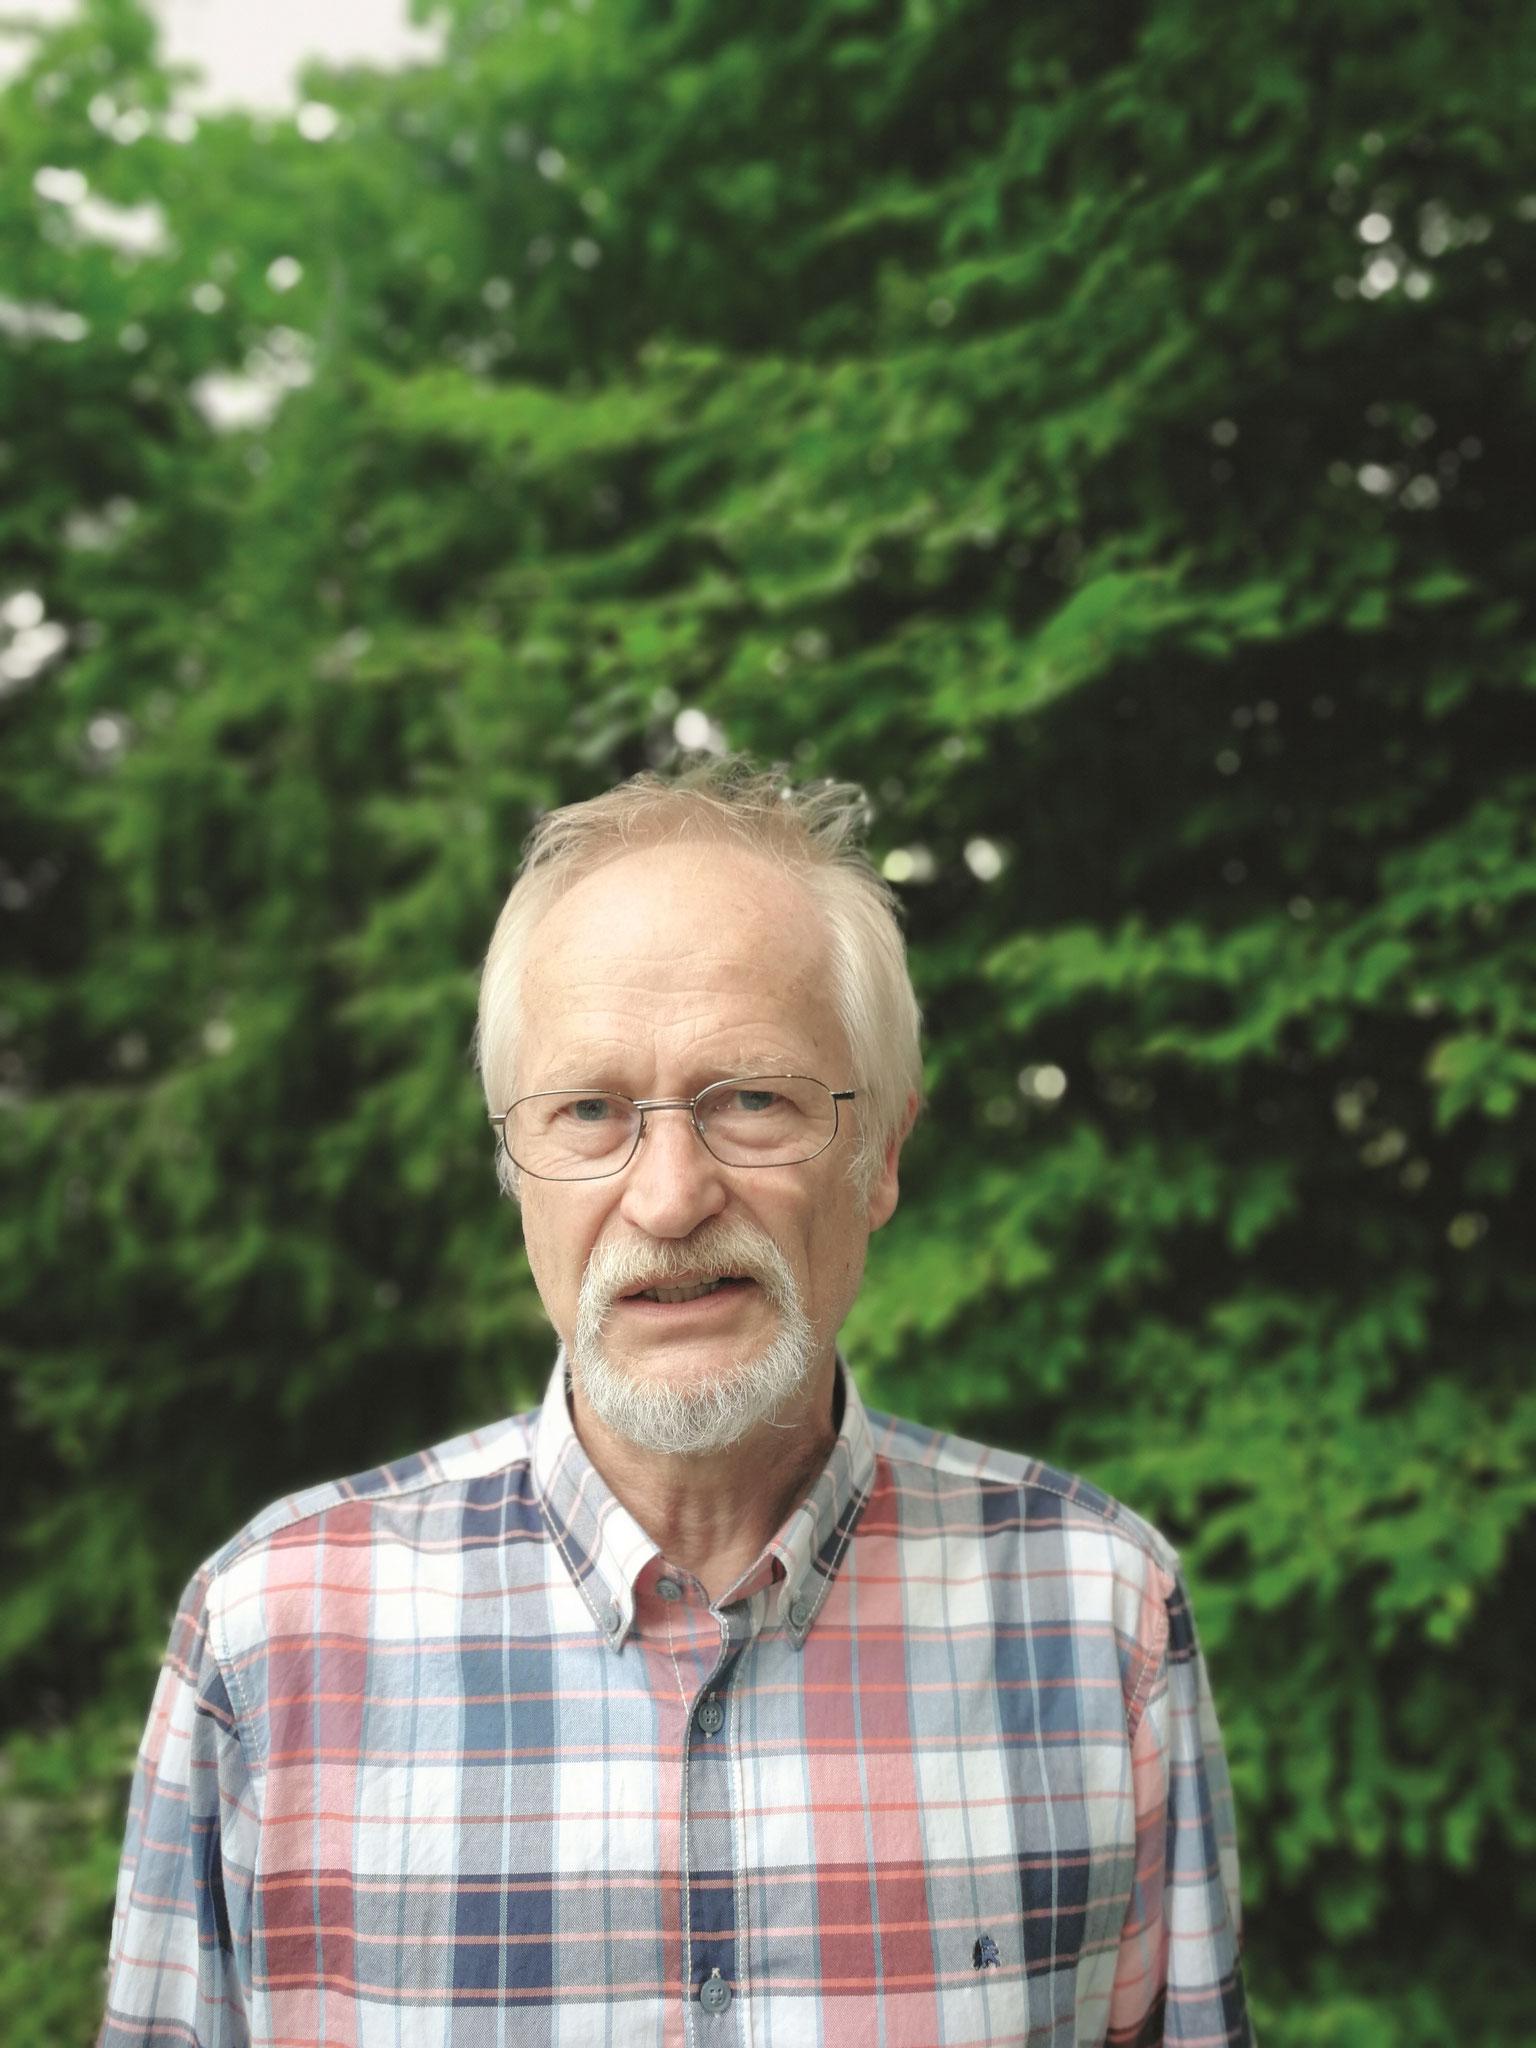 Uwe Carsten Schierhorn (Dierkshausen)